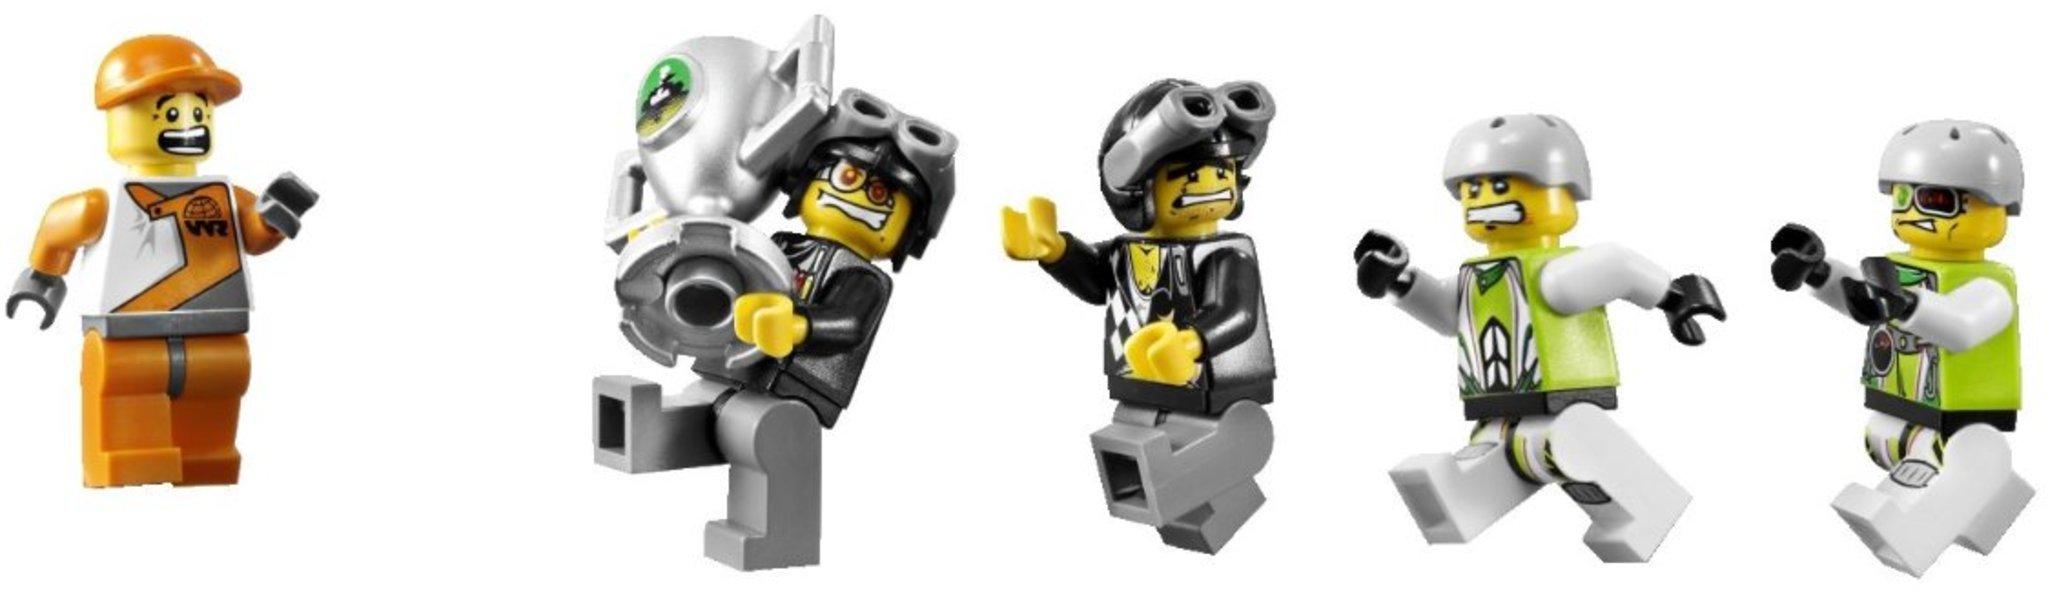 World Dei 8899 La Lego CoccodrilliMattonito Racers Palude rBoCWdxe